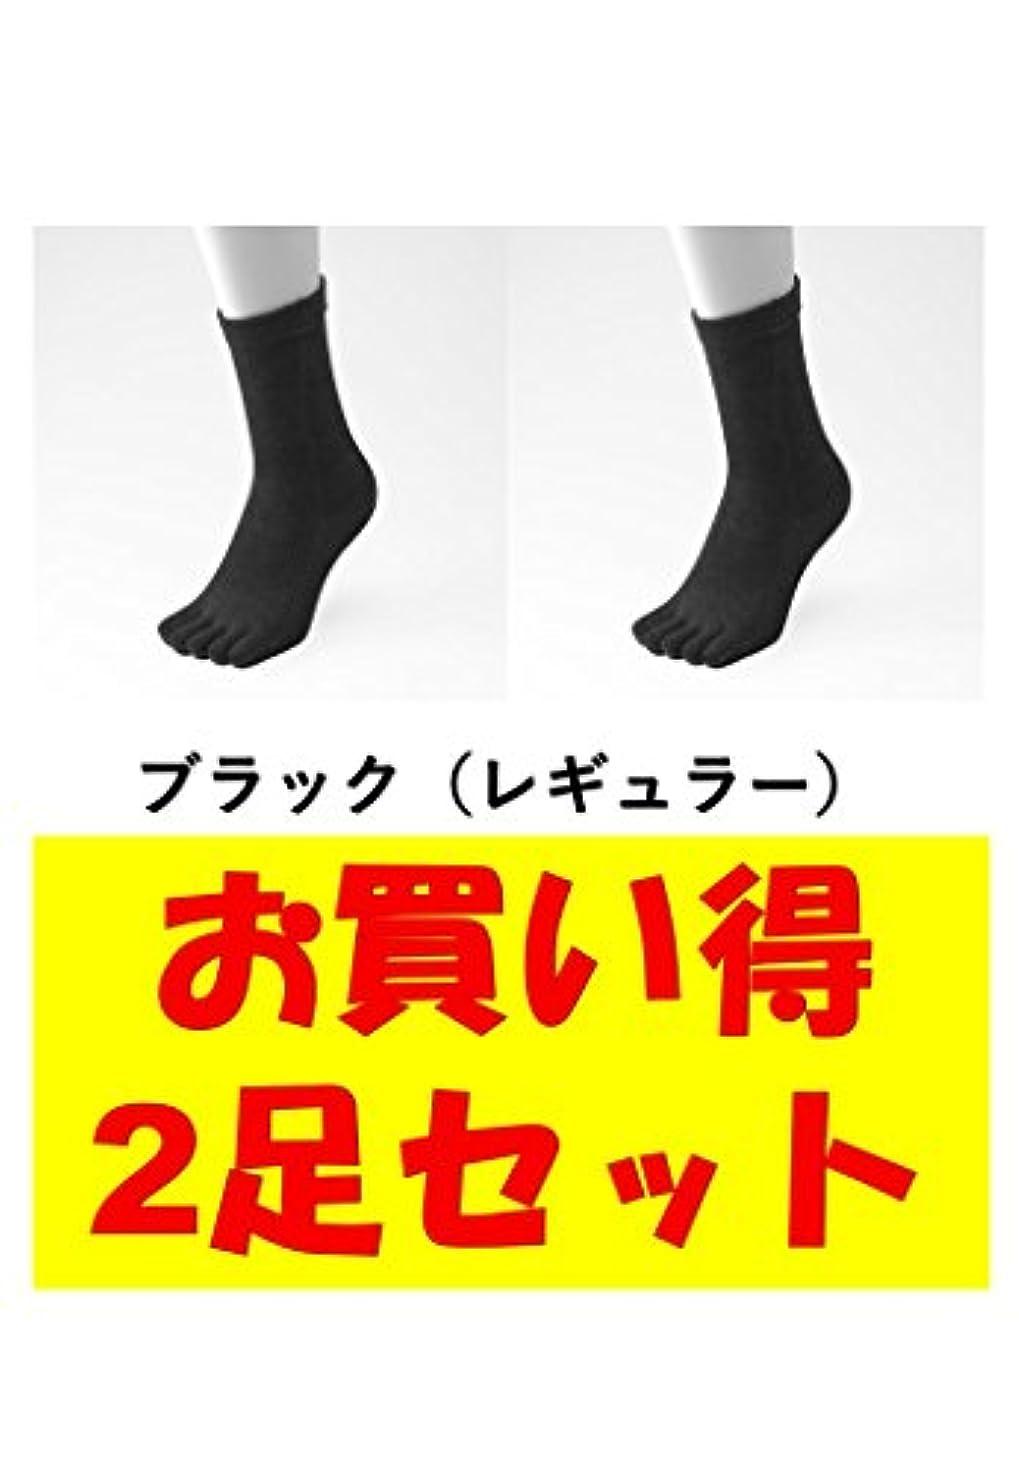 動揺させる異常深くお買い得2足セット 5本指 ゆびのばソックス ゆびのばレギュラー ブラック 男性用 25.5cm-28.0cm HSREGR-BLK